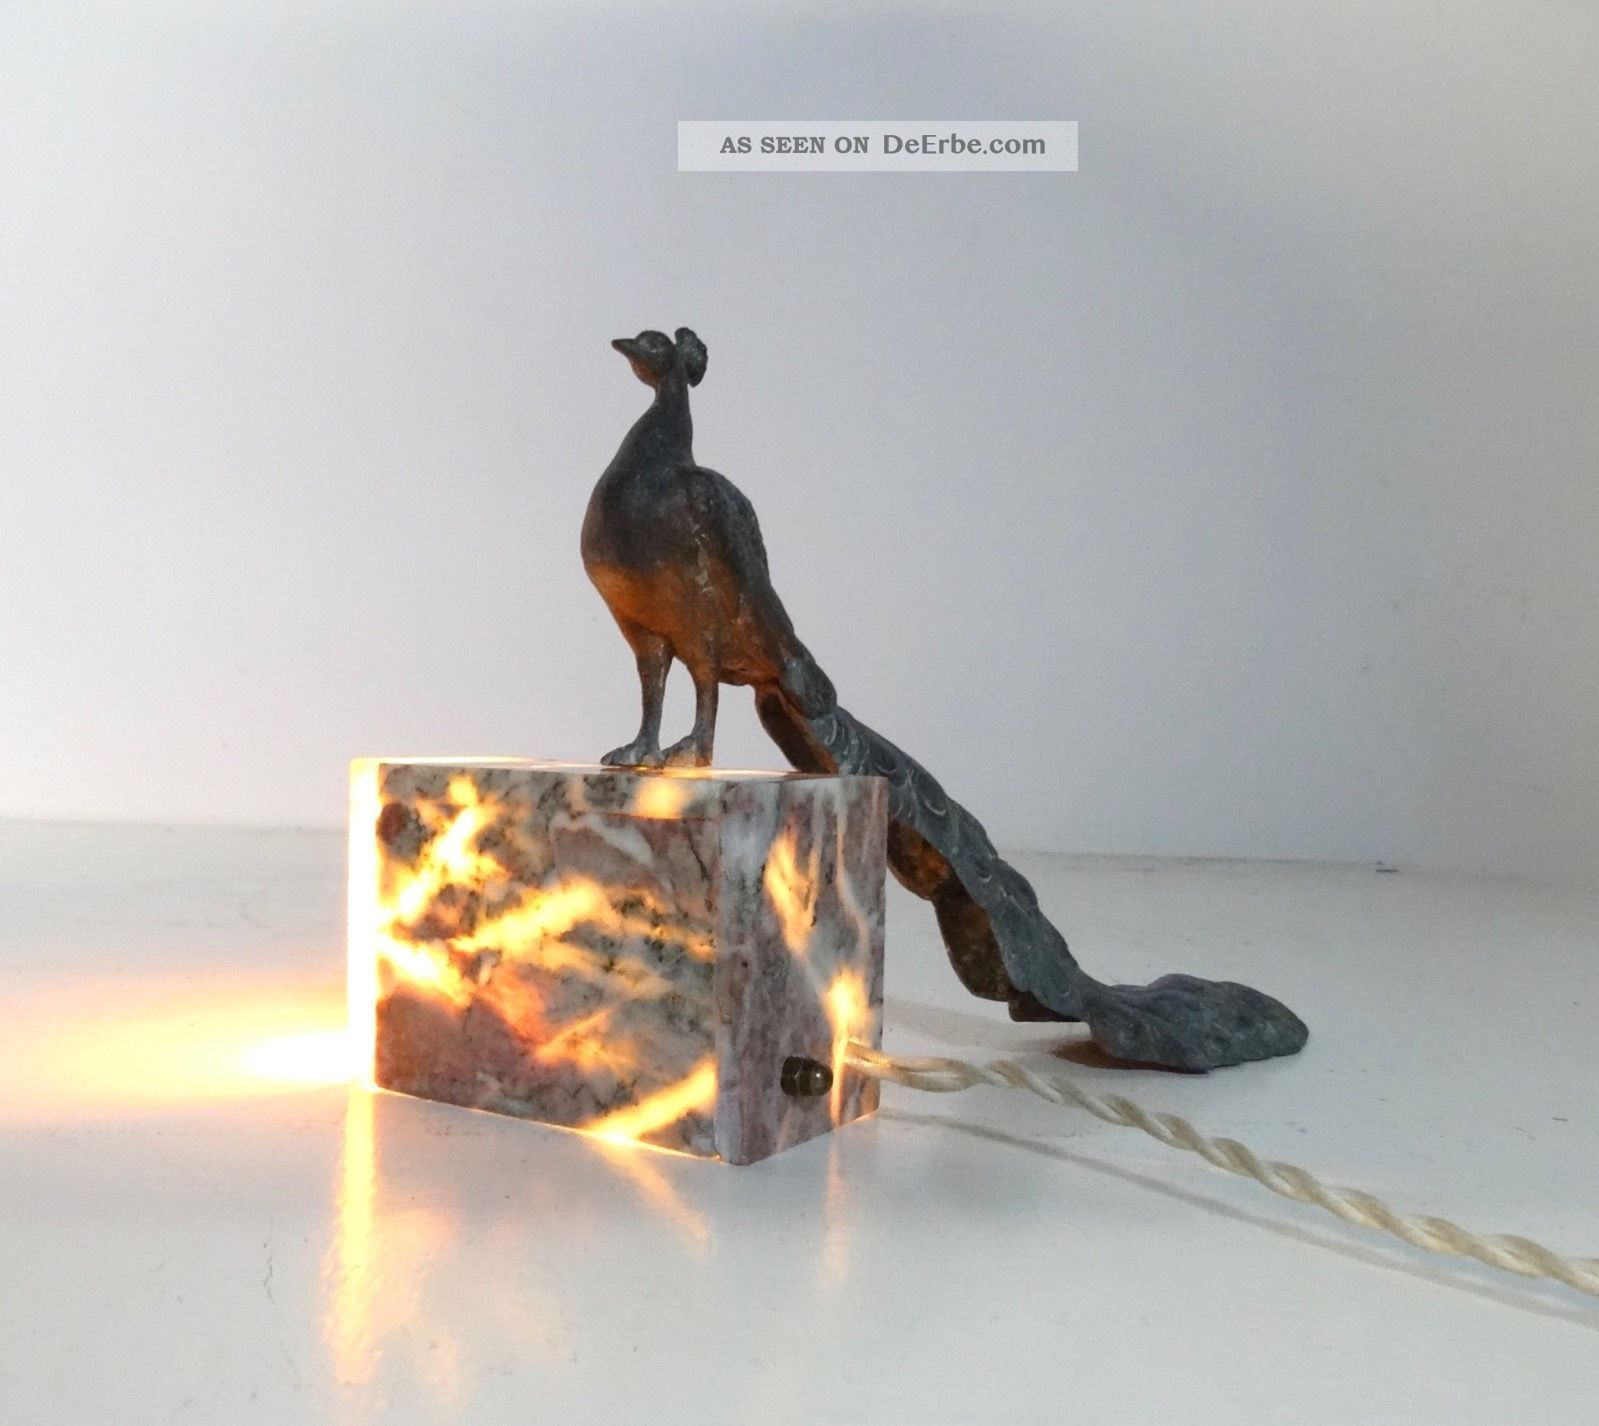 Seltene FranzÖsische Art Deco Marmor Lampe Mit Pfau Tischlampe Lamp 1920-1949, Art Déco Bild